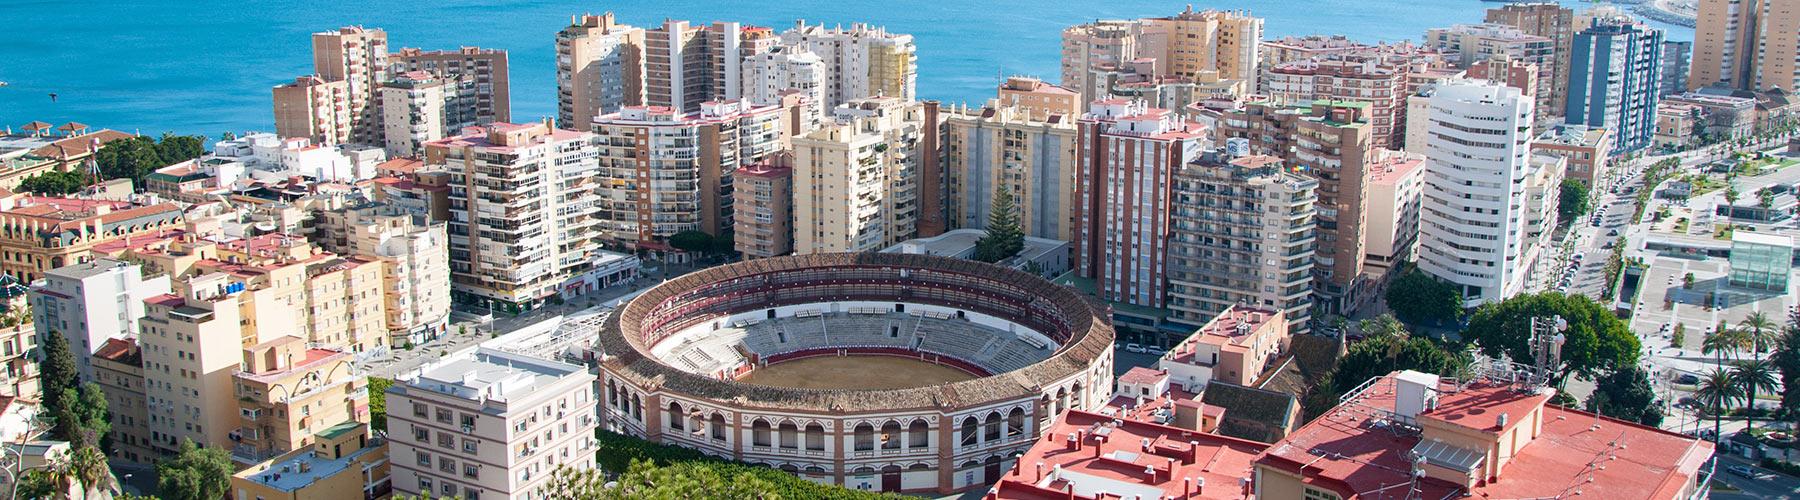 Vliegvakantie Malaga